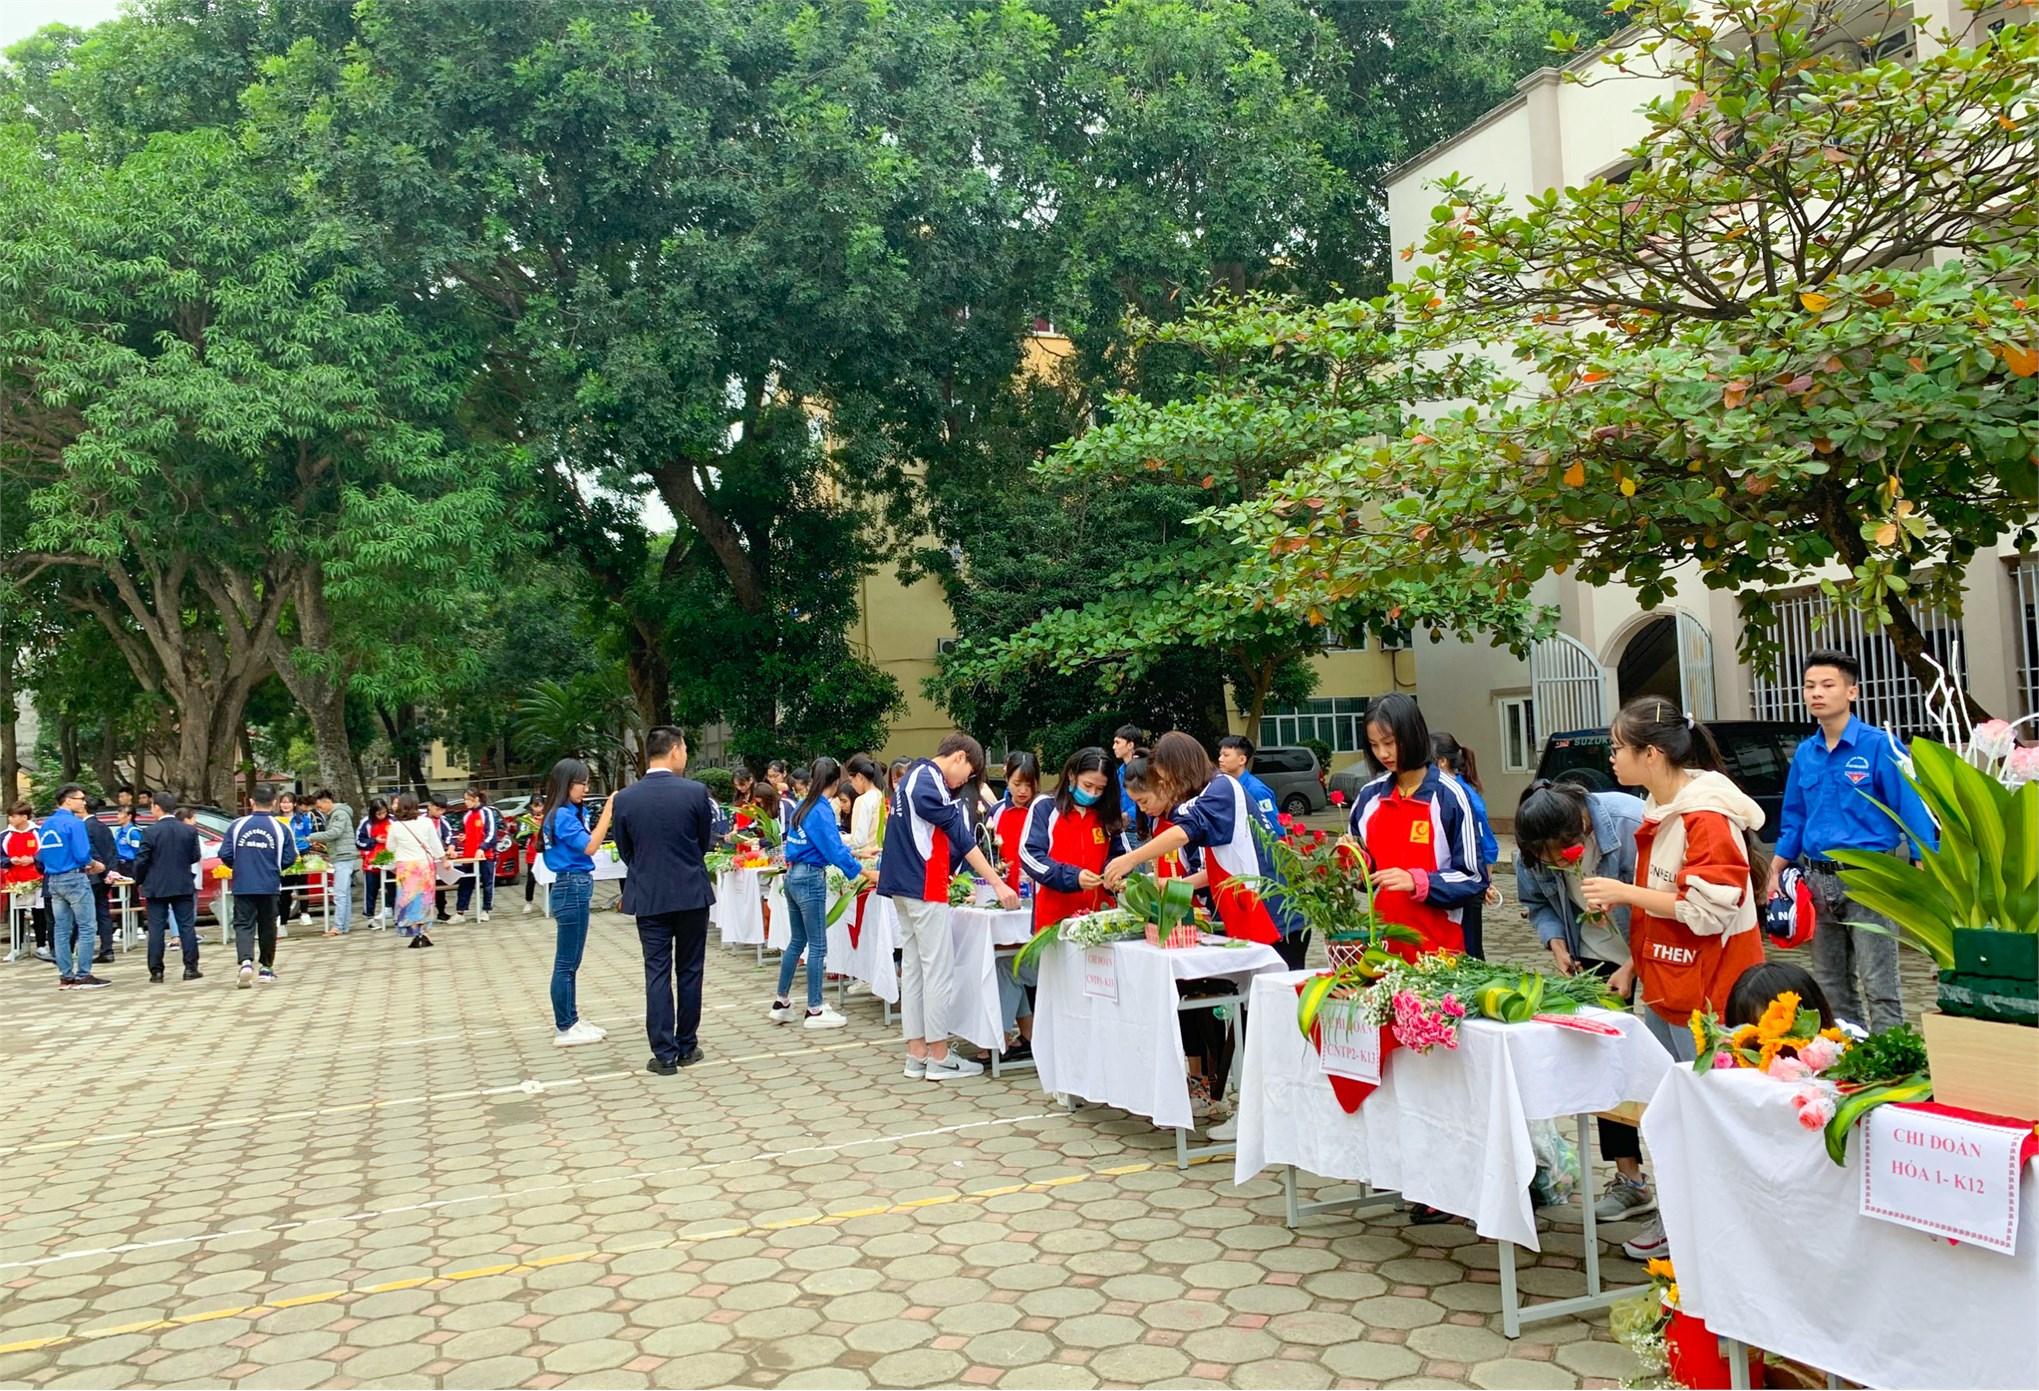 Sinh viên khoa CN Hóa có cơ hội thực tập tại những doanh nghiệp lớn Sinh viên được kiến tập và thực tập tại các doanh nghiệp lớn trong nước và nước ngoài như: các doanh nghiệp thuộc Tập đoàn Hóa chất Việt Nam (Vinachem); Tập đoàn Dầu khí Việt Nam (PetroVietnam); Tập đoàn xăng dầu Việt Nam (Petrolimex) Tập đoàn Công nghiệp Than - Khoáng sản Việt Nam (Vinacomin); Tập đoàn Primer (một trong những tập đoàn hàng đầu cung cấp sản phẩm và dịch vụ trong lĩnh vực vật liệu xây dựng); Công ty TNHH Canon (Canon Việt Nam); Công Ty TNHH Nippon Paint Việt Nam; Panasonic; các Viện nghiên cứu như Viện Hàn Lâm và Công nghệ Việt Nam; Viện Hóa công nghiệp Việt Nam… Sinh viên được lựa chọn nhiều chuyên ngành học phù hợp với năng lực sở trường, sở thích và các mong muốn cá nhân khác, bao gồm: - Công nghệ Hóa vô cơ, - Công nghệ Hóa hữu cơ, - Công nghệ Hóa dầu, - Hóa phân tích, - Hóa dược. Sinh viên có cơ hội nhận nhiều học bổng và hỗ trợ học tập: học bổng của Hội hóa học Việt Nam, Hội hóa kỹ thuật Hàn Quốc, học bổng theo chương trình liên kết đào tạo của công ty NISSAN, học bổng triển vọng của KOVA, hay Nitori của Nhật Bản, và các học bổng quốc tế khác như Bridgeston, Hyundai Alumina Vina, Honda… Đoàn sinh viên ngành CNKT Hóa học - Khoa CN Hóa dự thi Olympic hóa học toàn quốc Sinh viên được tham dự các kỳ thi Olympic Hóa học toàn quốc; tham gia nghiên cứu khoa học để thỏa mãn niềm say mê khoa học đồng thời từng bước tiếp cận khoa học kỹ thuật, vận dụng kiến thức phục vụ đời sống. Trong nhứng năm qua sinh viên ngành Công nghệ kỹ thuật Hóa học Khoa Công nghệ Hóa đã đạt được nhiều thành tích cao trong các cuộc thi Olympic Hóa học toàn quốc; đã có những công trinh nghiên cứu khoa học được giải thưởng cấp Bộ; những sản phẩm khoa học được đưa vào sản xuất, chuyển giao công nghệ và thương mại hóa. Ngoài giờ lên lớp sinh viên còn được đắm mình trong không gian xanh và có thể tham gia các câu lạc bộ học thuật, khoa hoc, nghệ thuật, thể thao để thư giãn và bổ sung năng lượng tích cực.